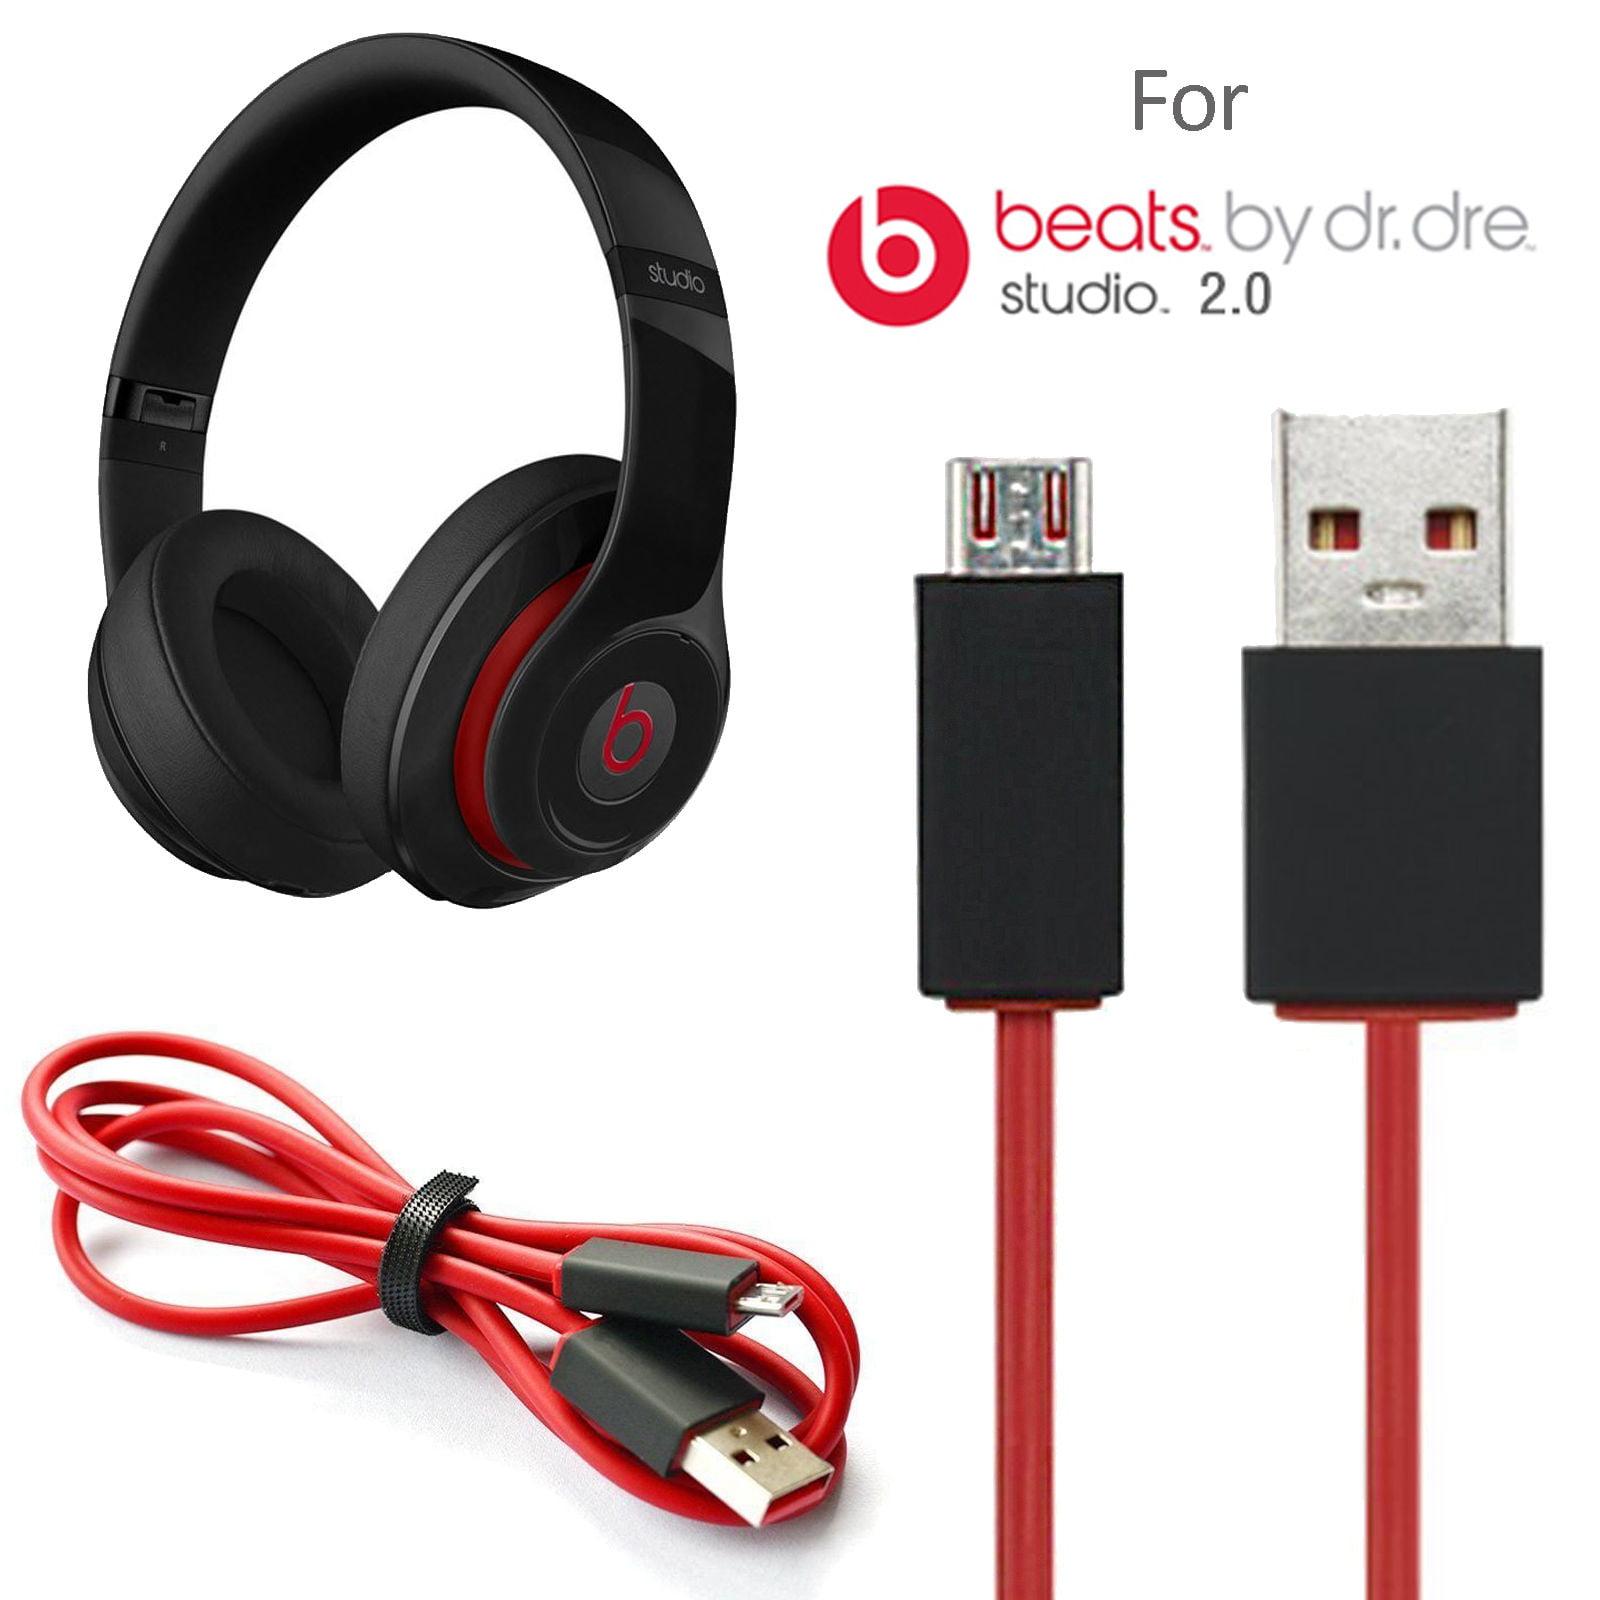 Beats wireless headphones studio 2.0 - beats ep headphones replacement cord